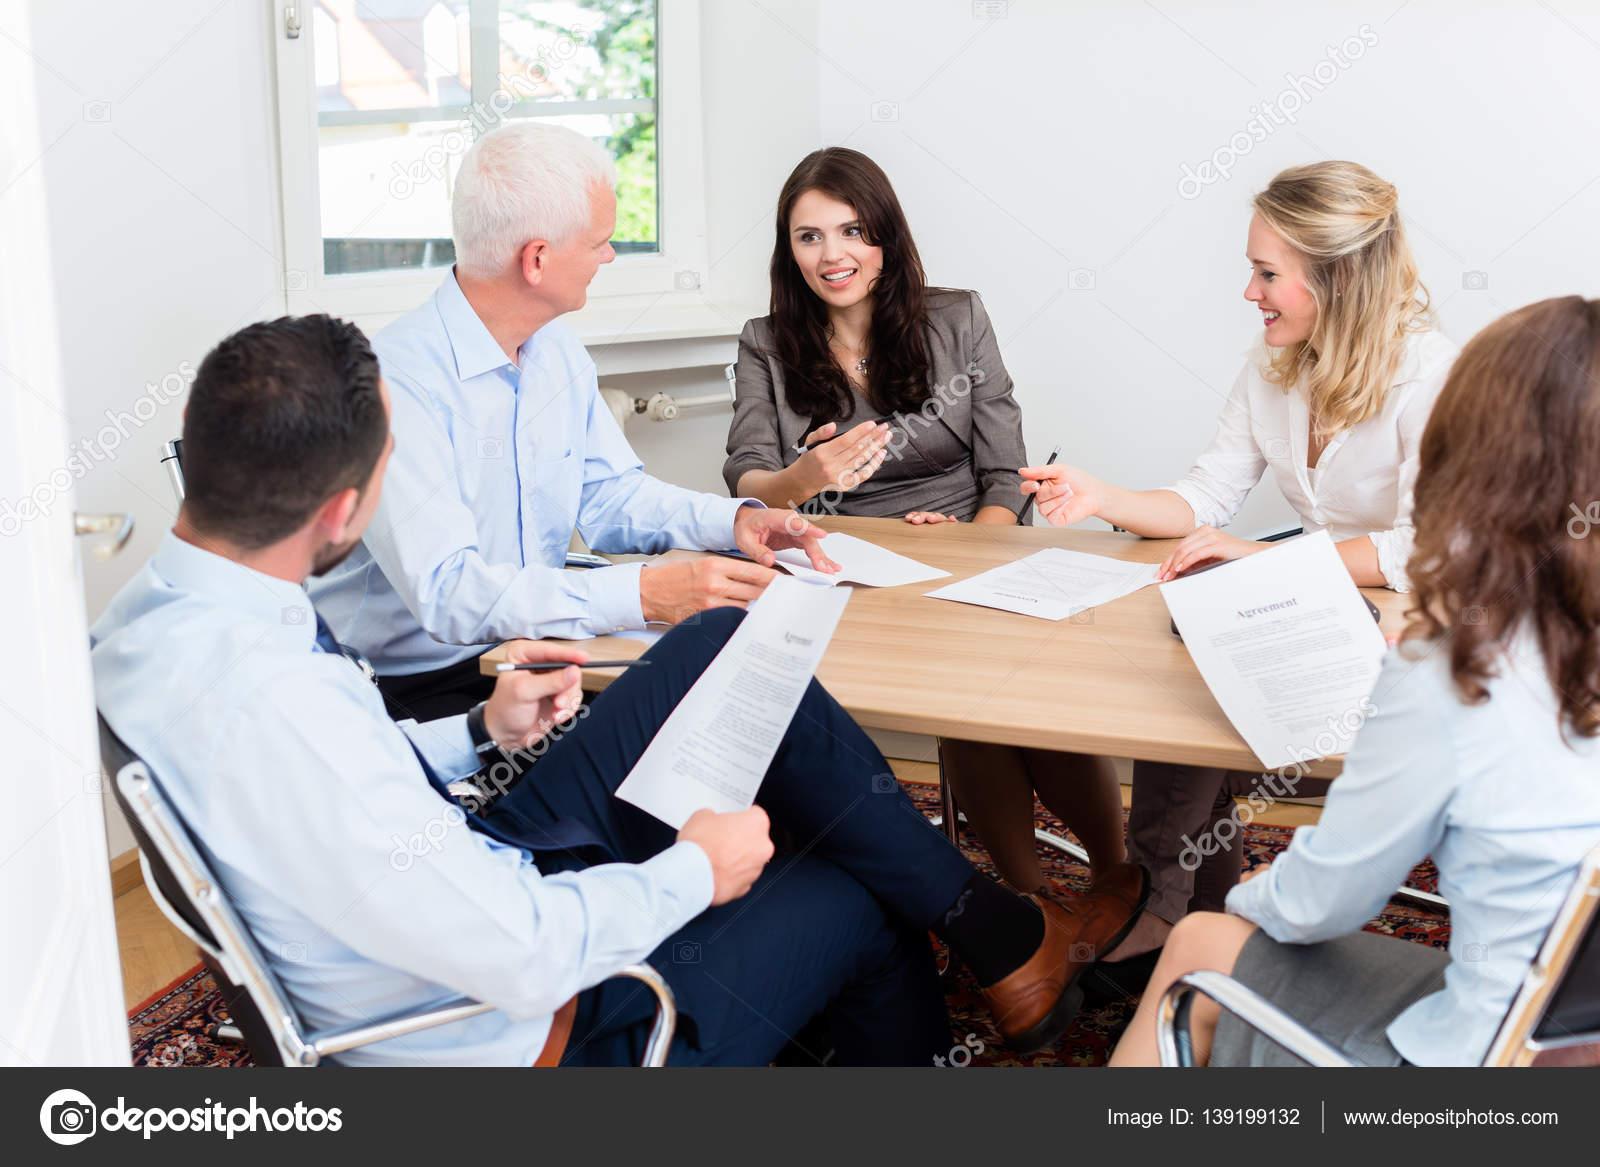 律师在法律团队开会坚定阅读文档– 图库图片